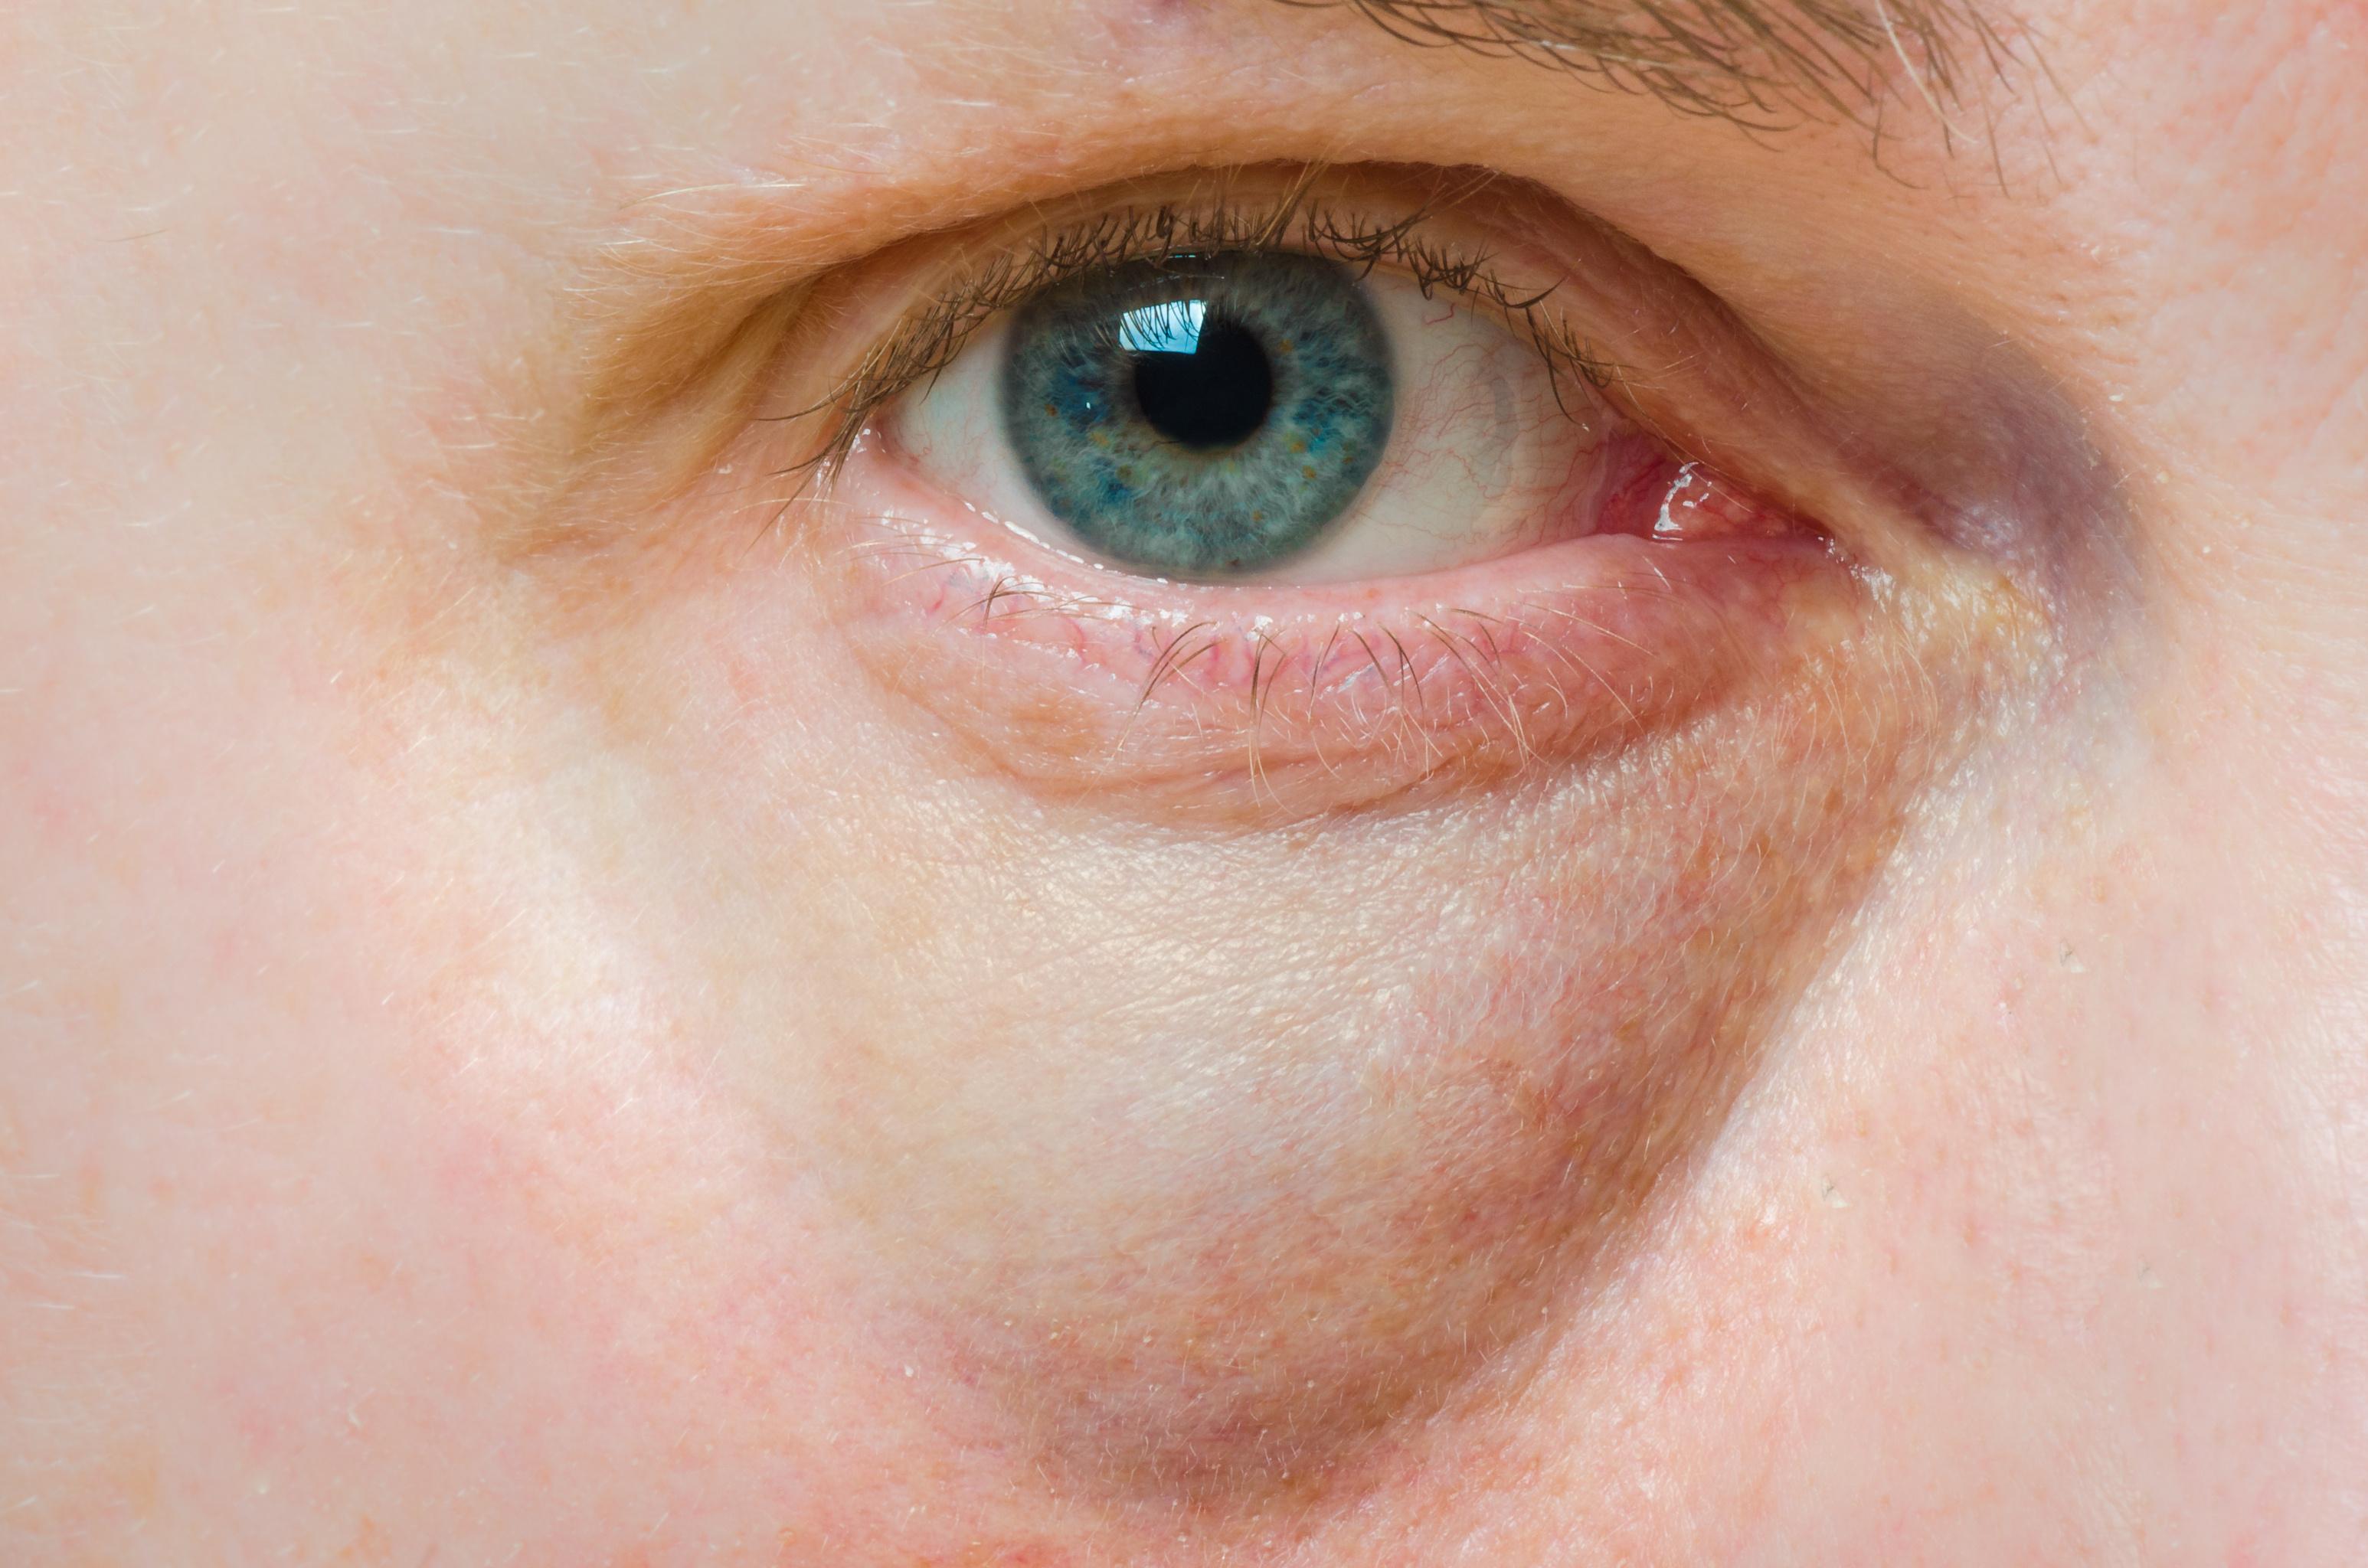 vörös folt a szem alatt hámló fotó